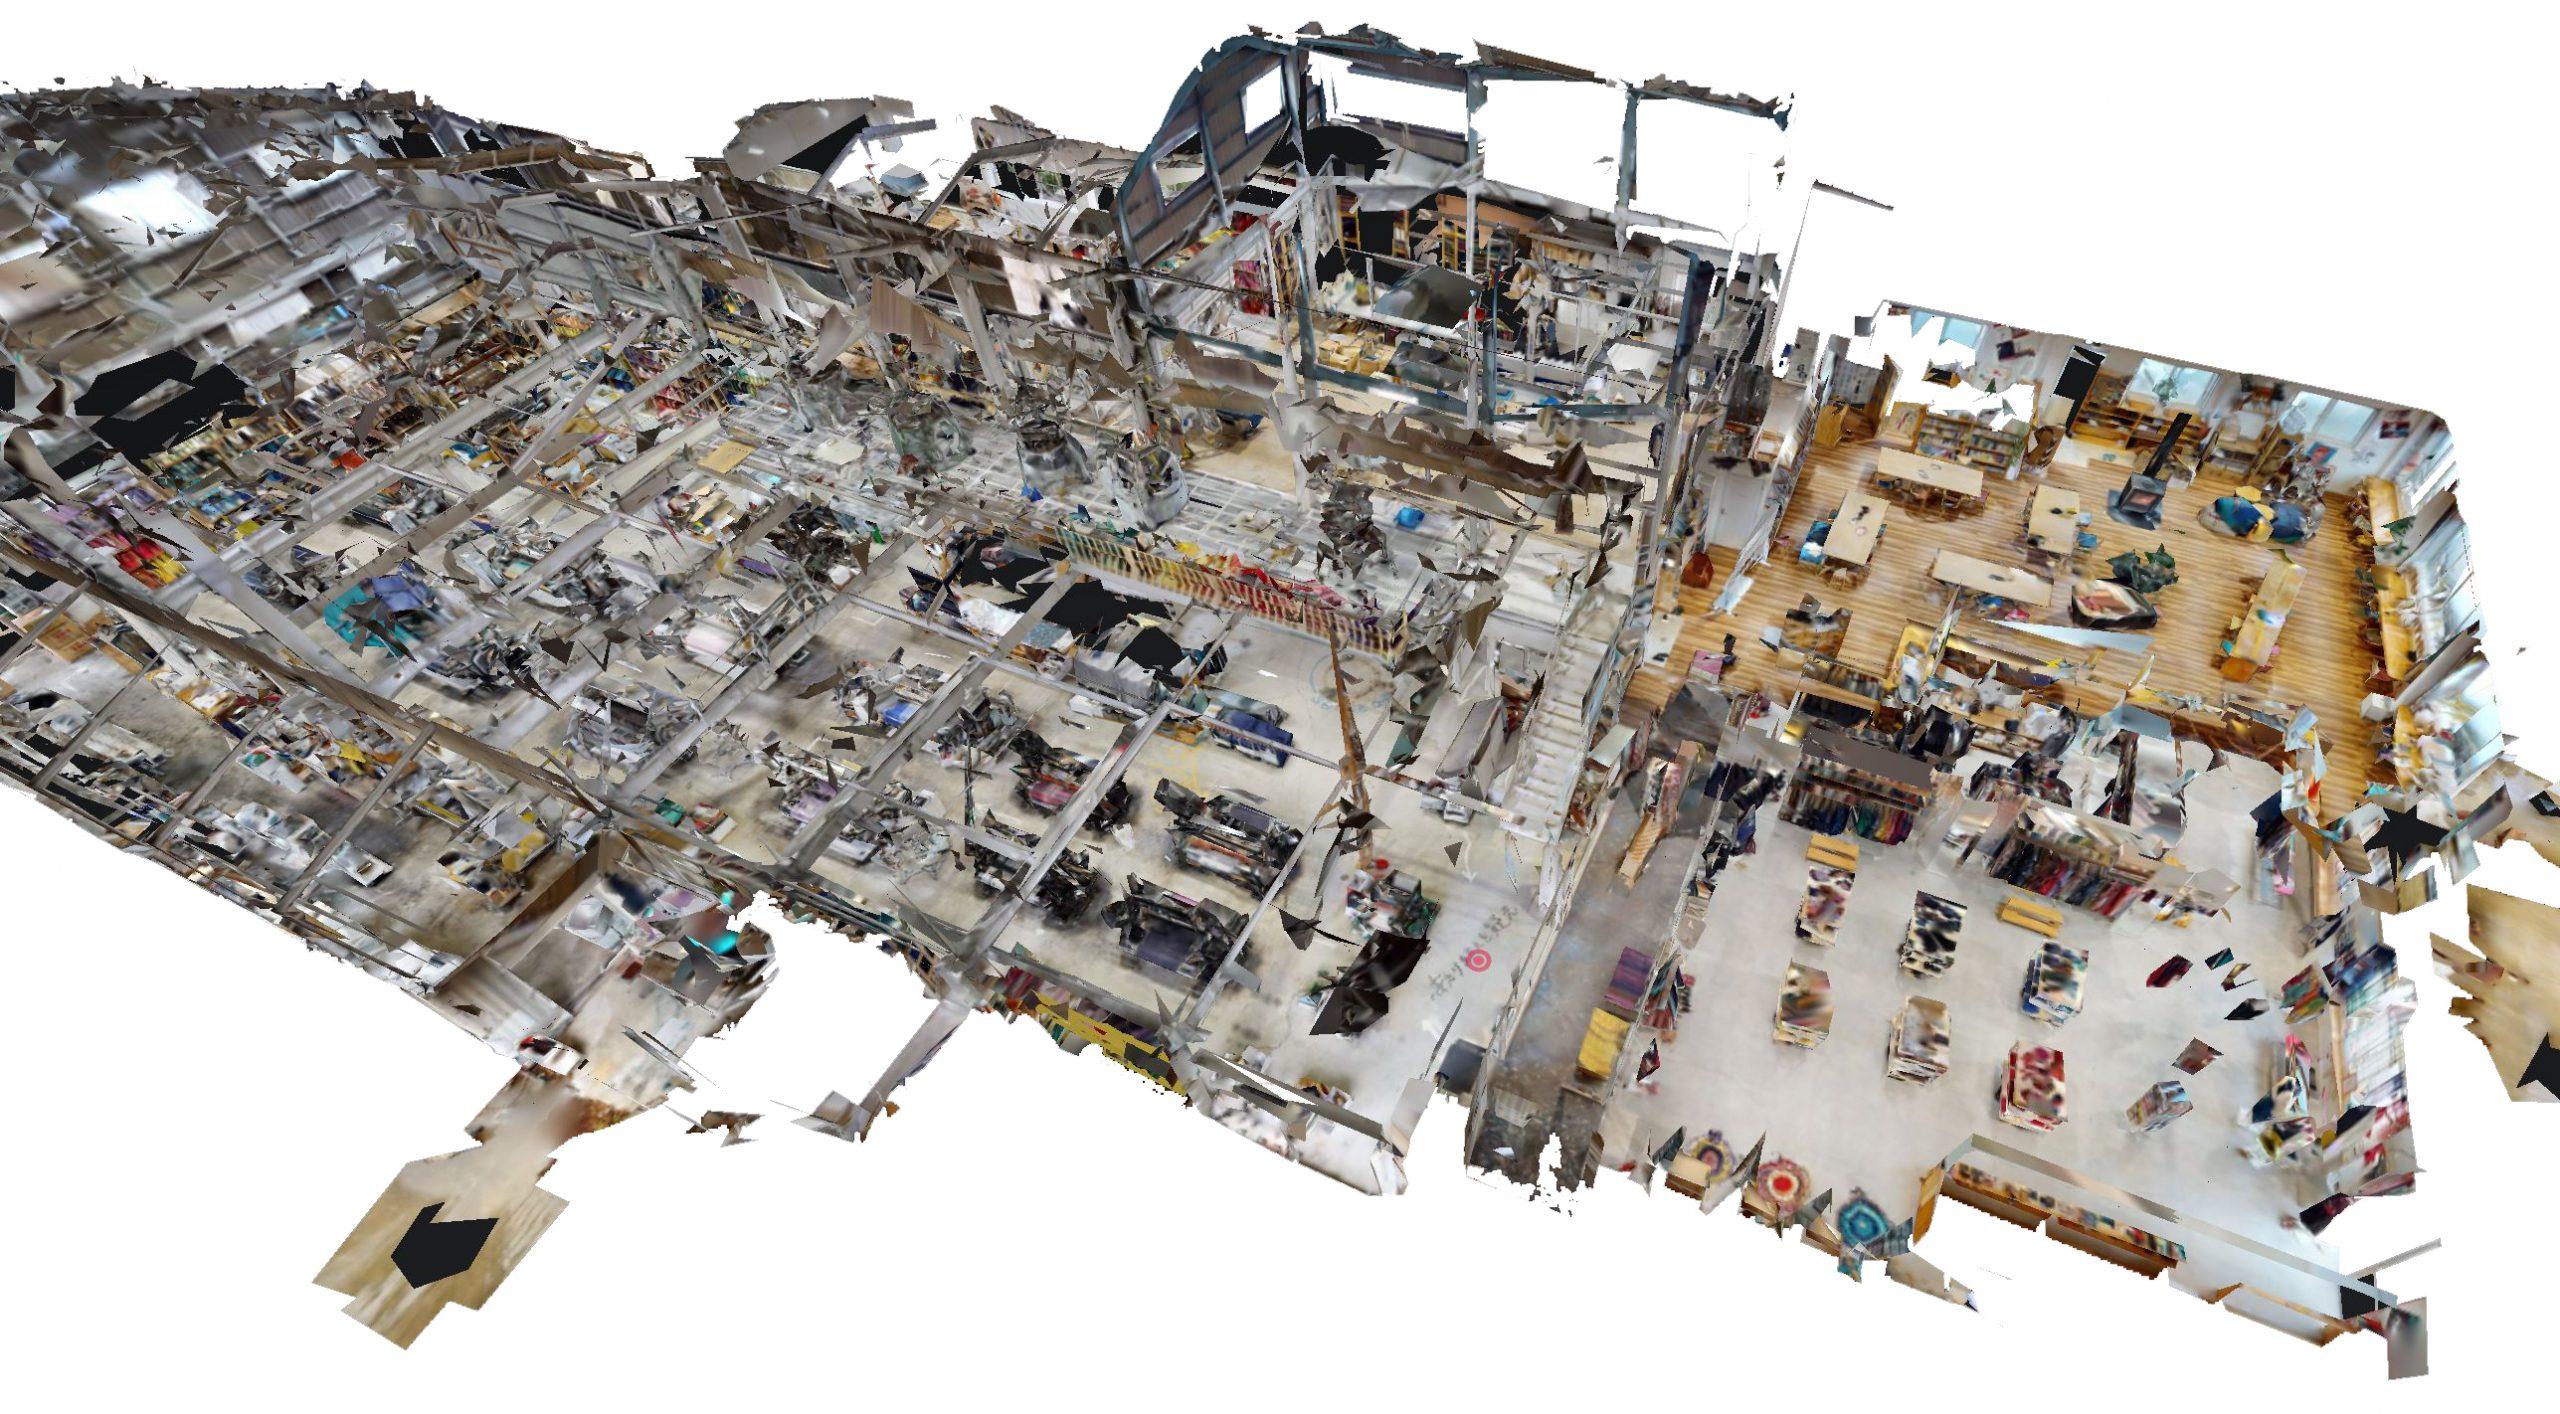 ニューノーマル時代における顧客・ファンと新しい価値創造を進める「3D Shop & Lab」プロジェクト